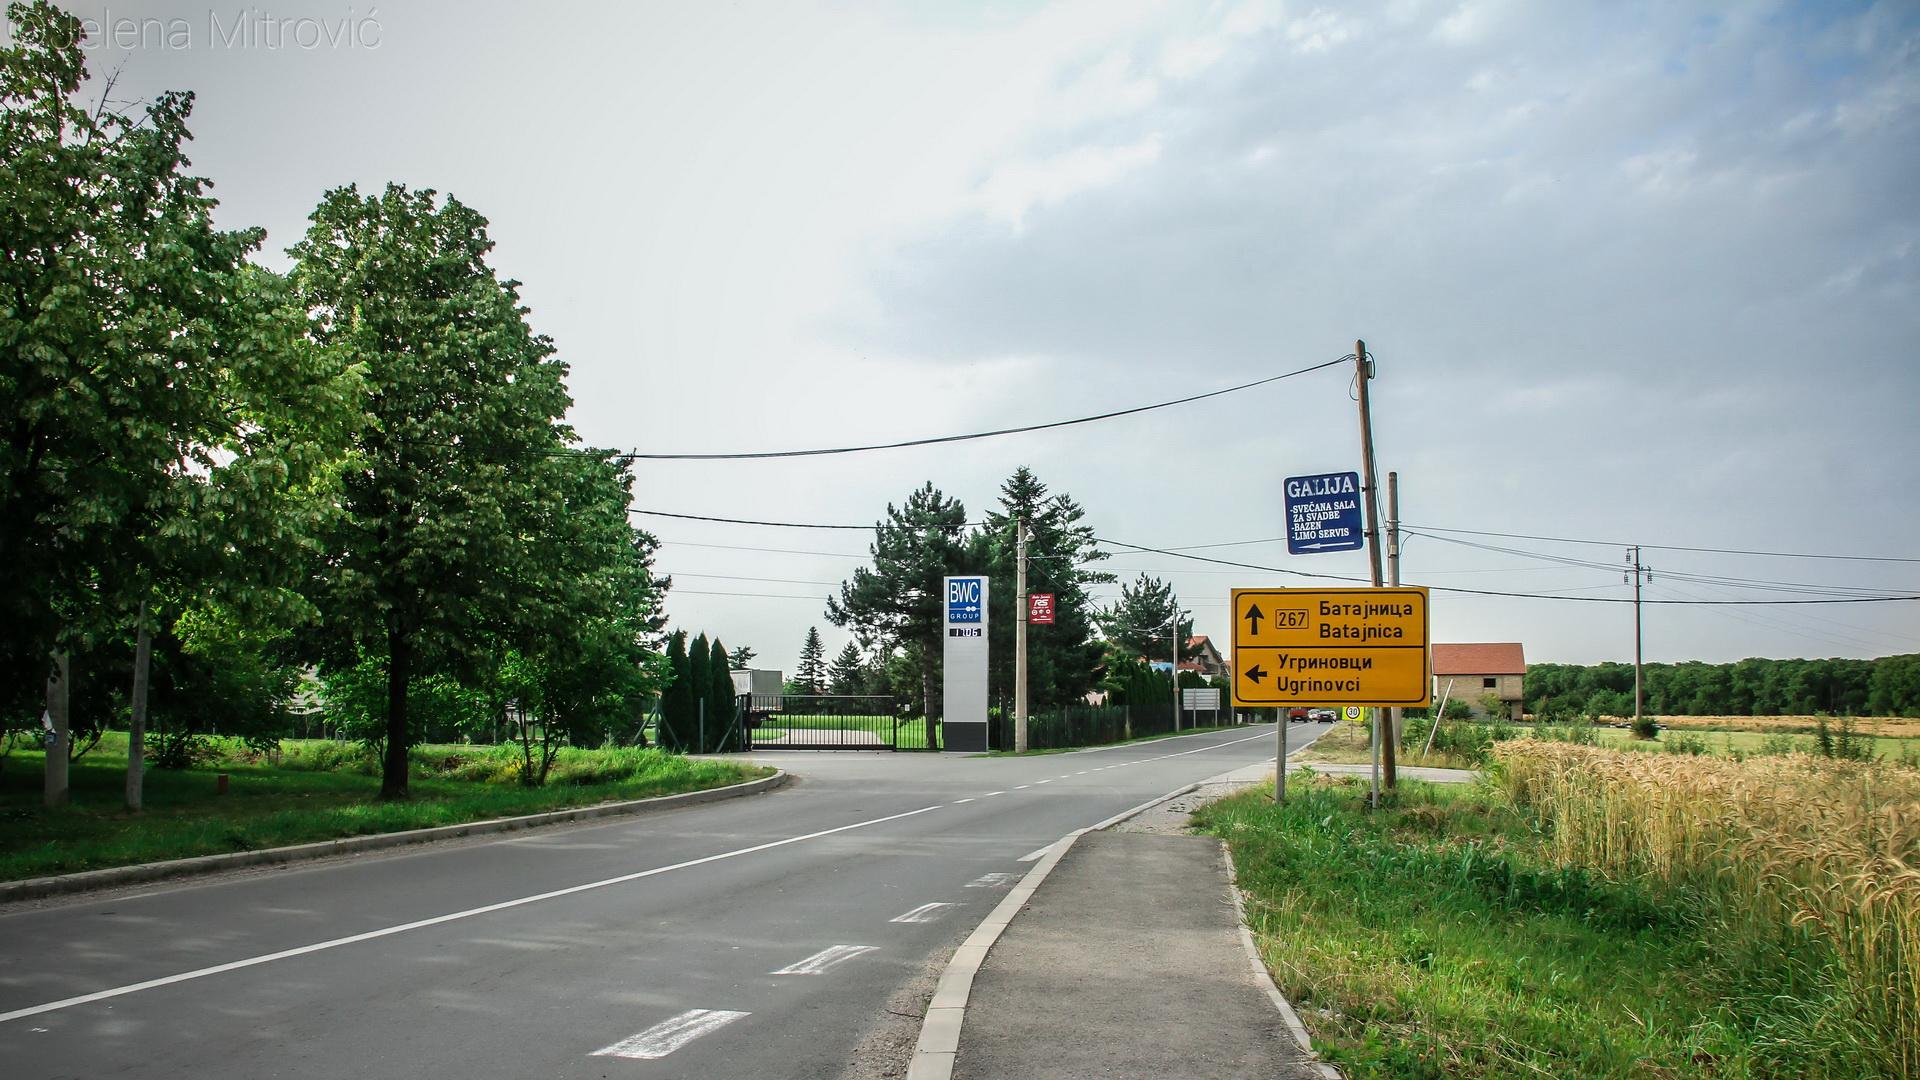 ugrinovci mapa Ugrinovci.rs   vesti, najveća baza firmi iz Ugrinovaca, Batajnice  ugrinovci mapa